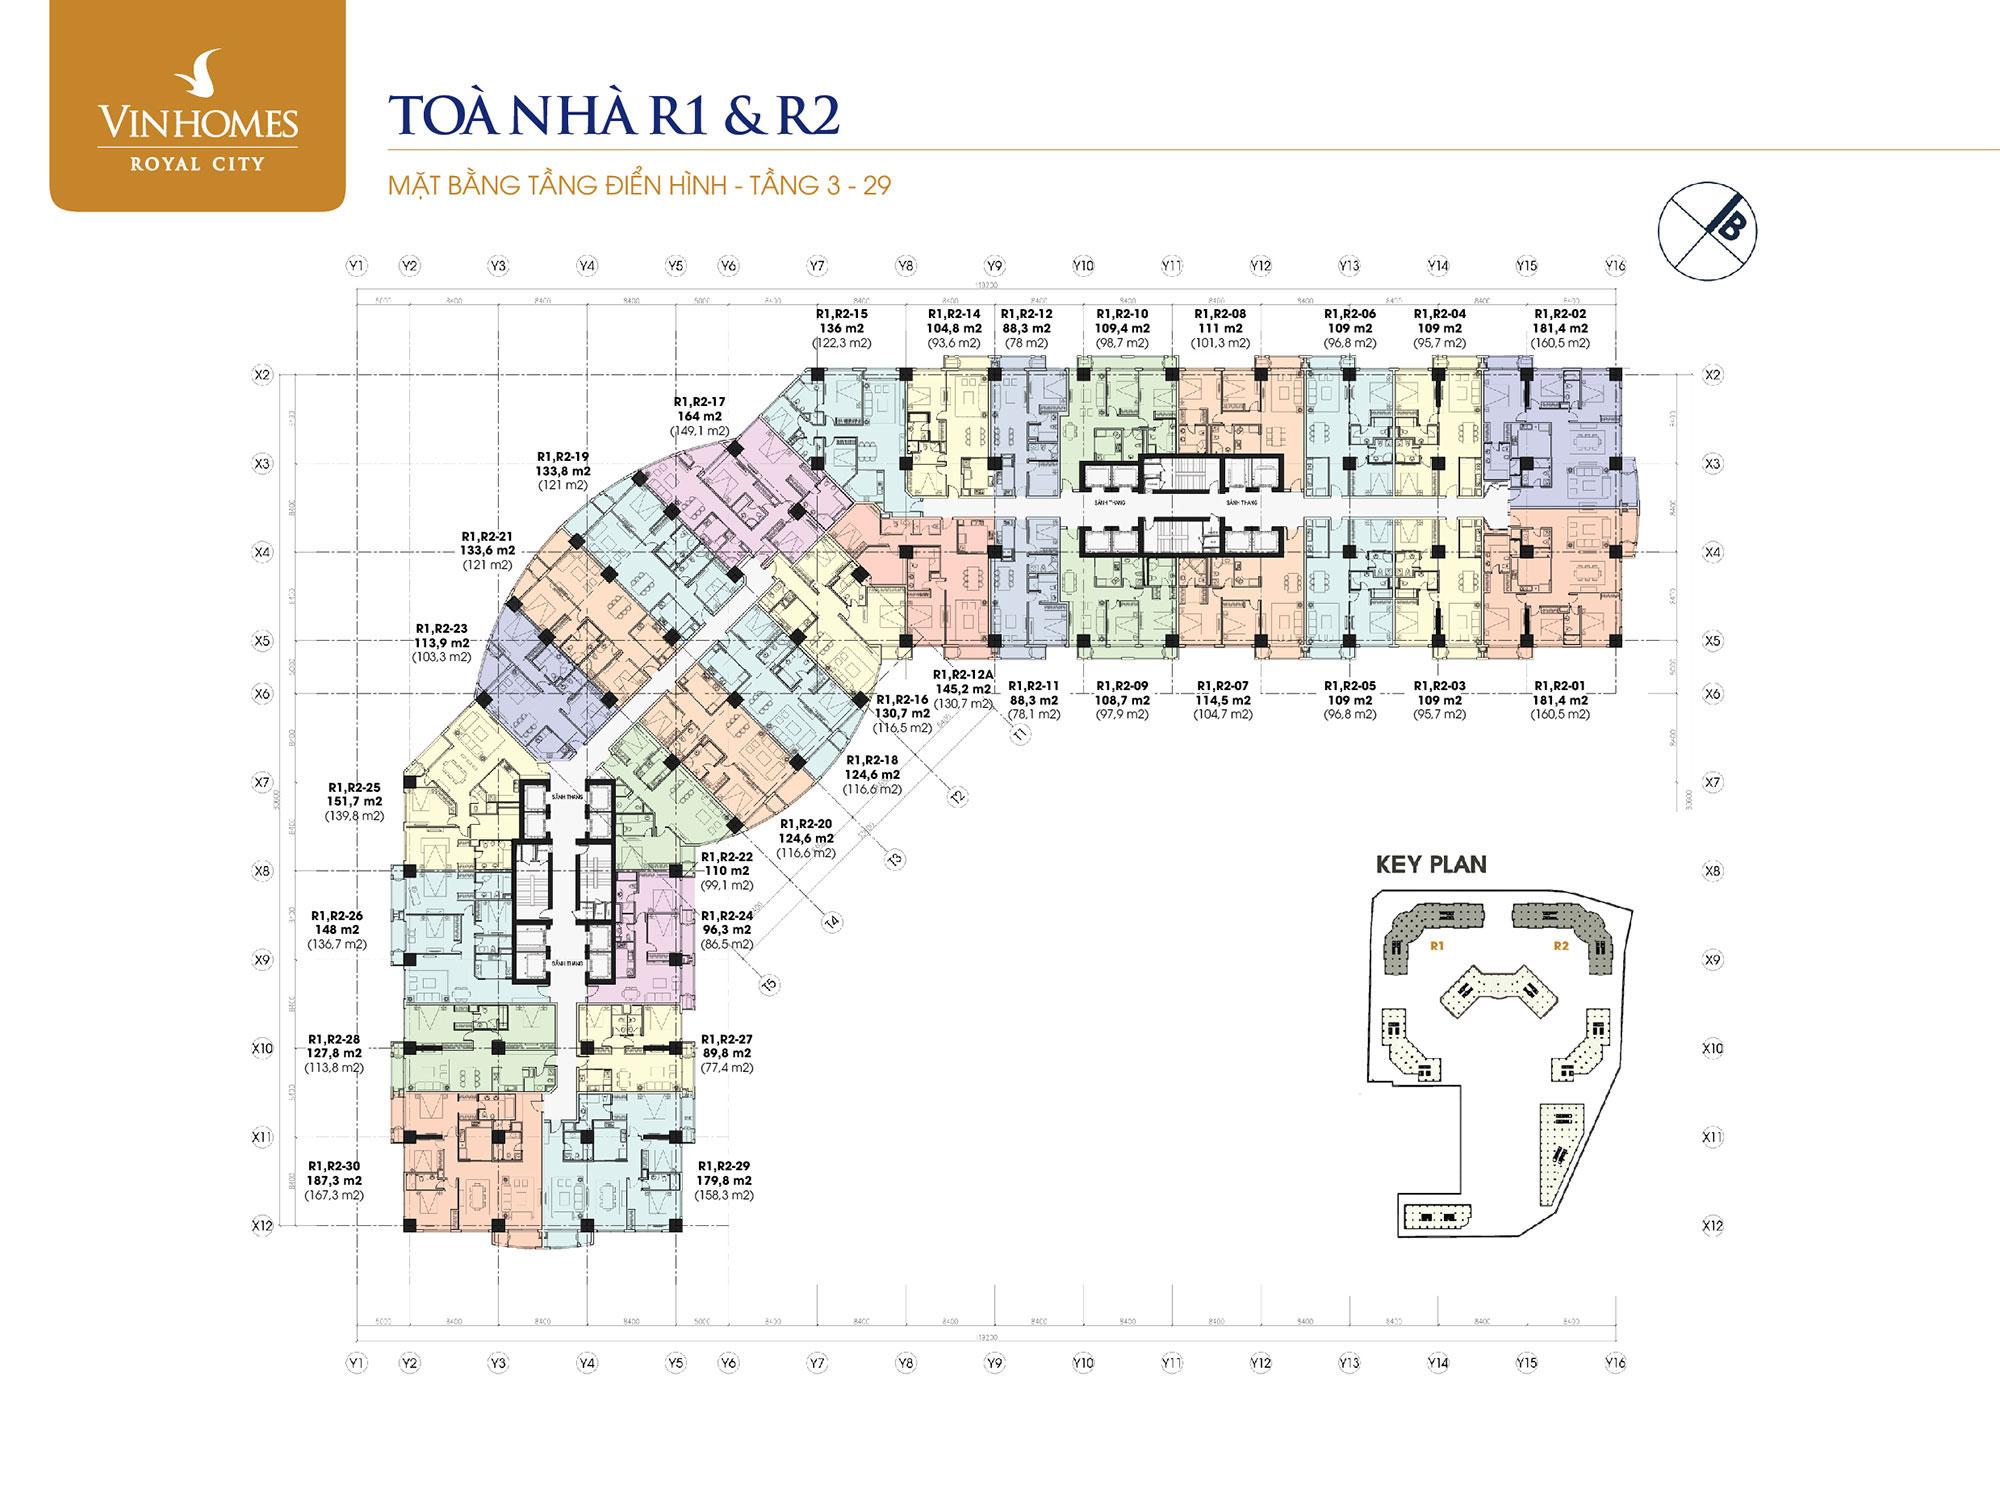 mat-bang-tang-3-29-toa-r1-r2-vinhomes-royal-city